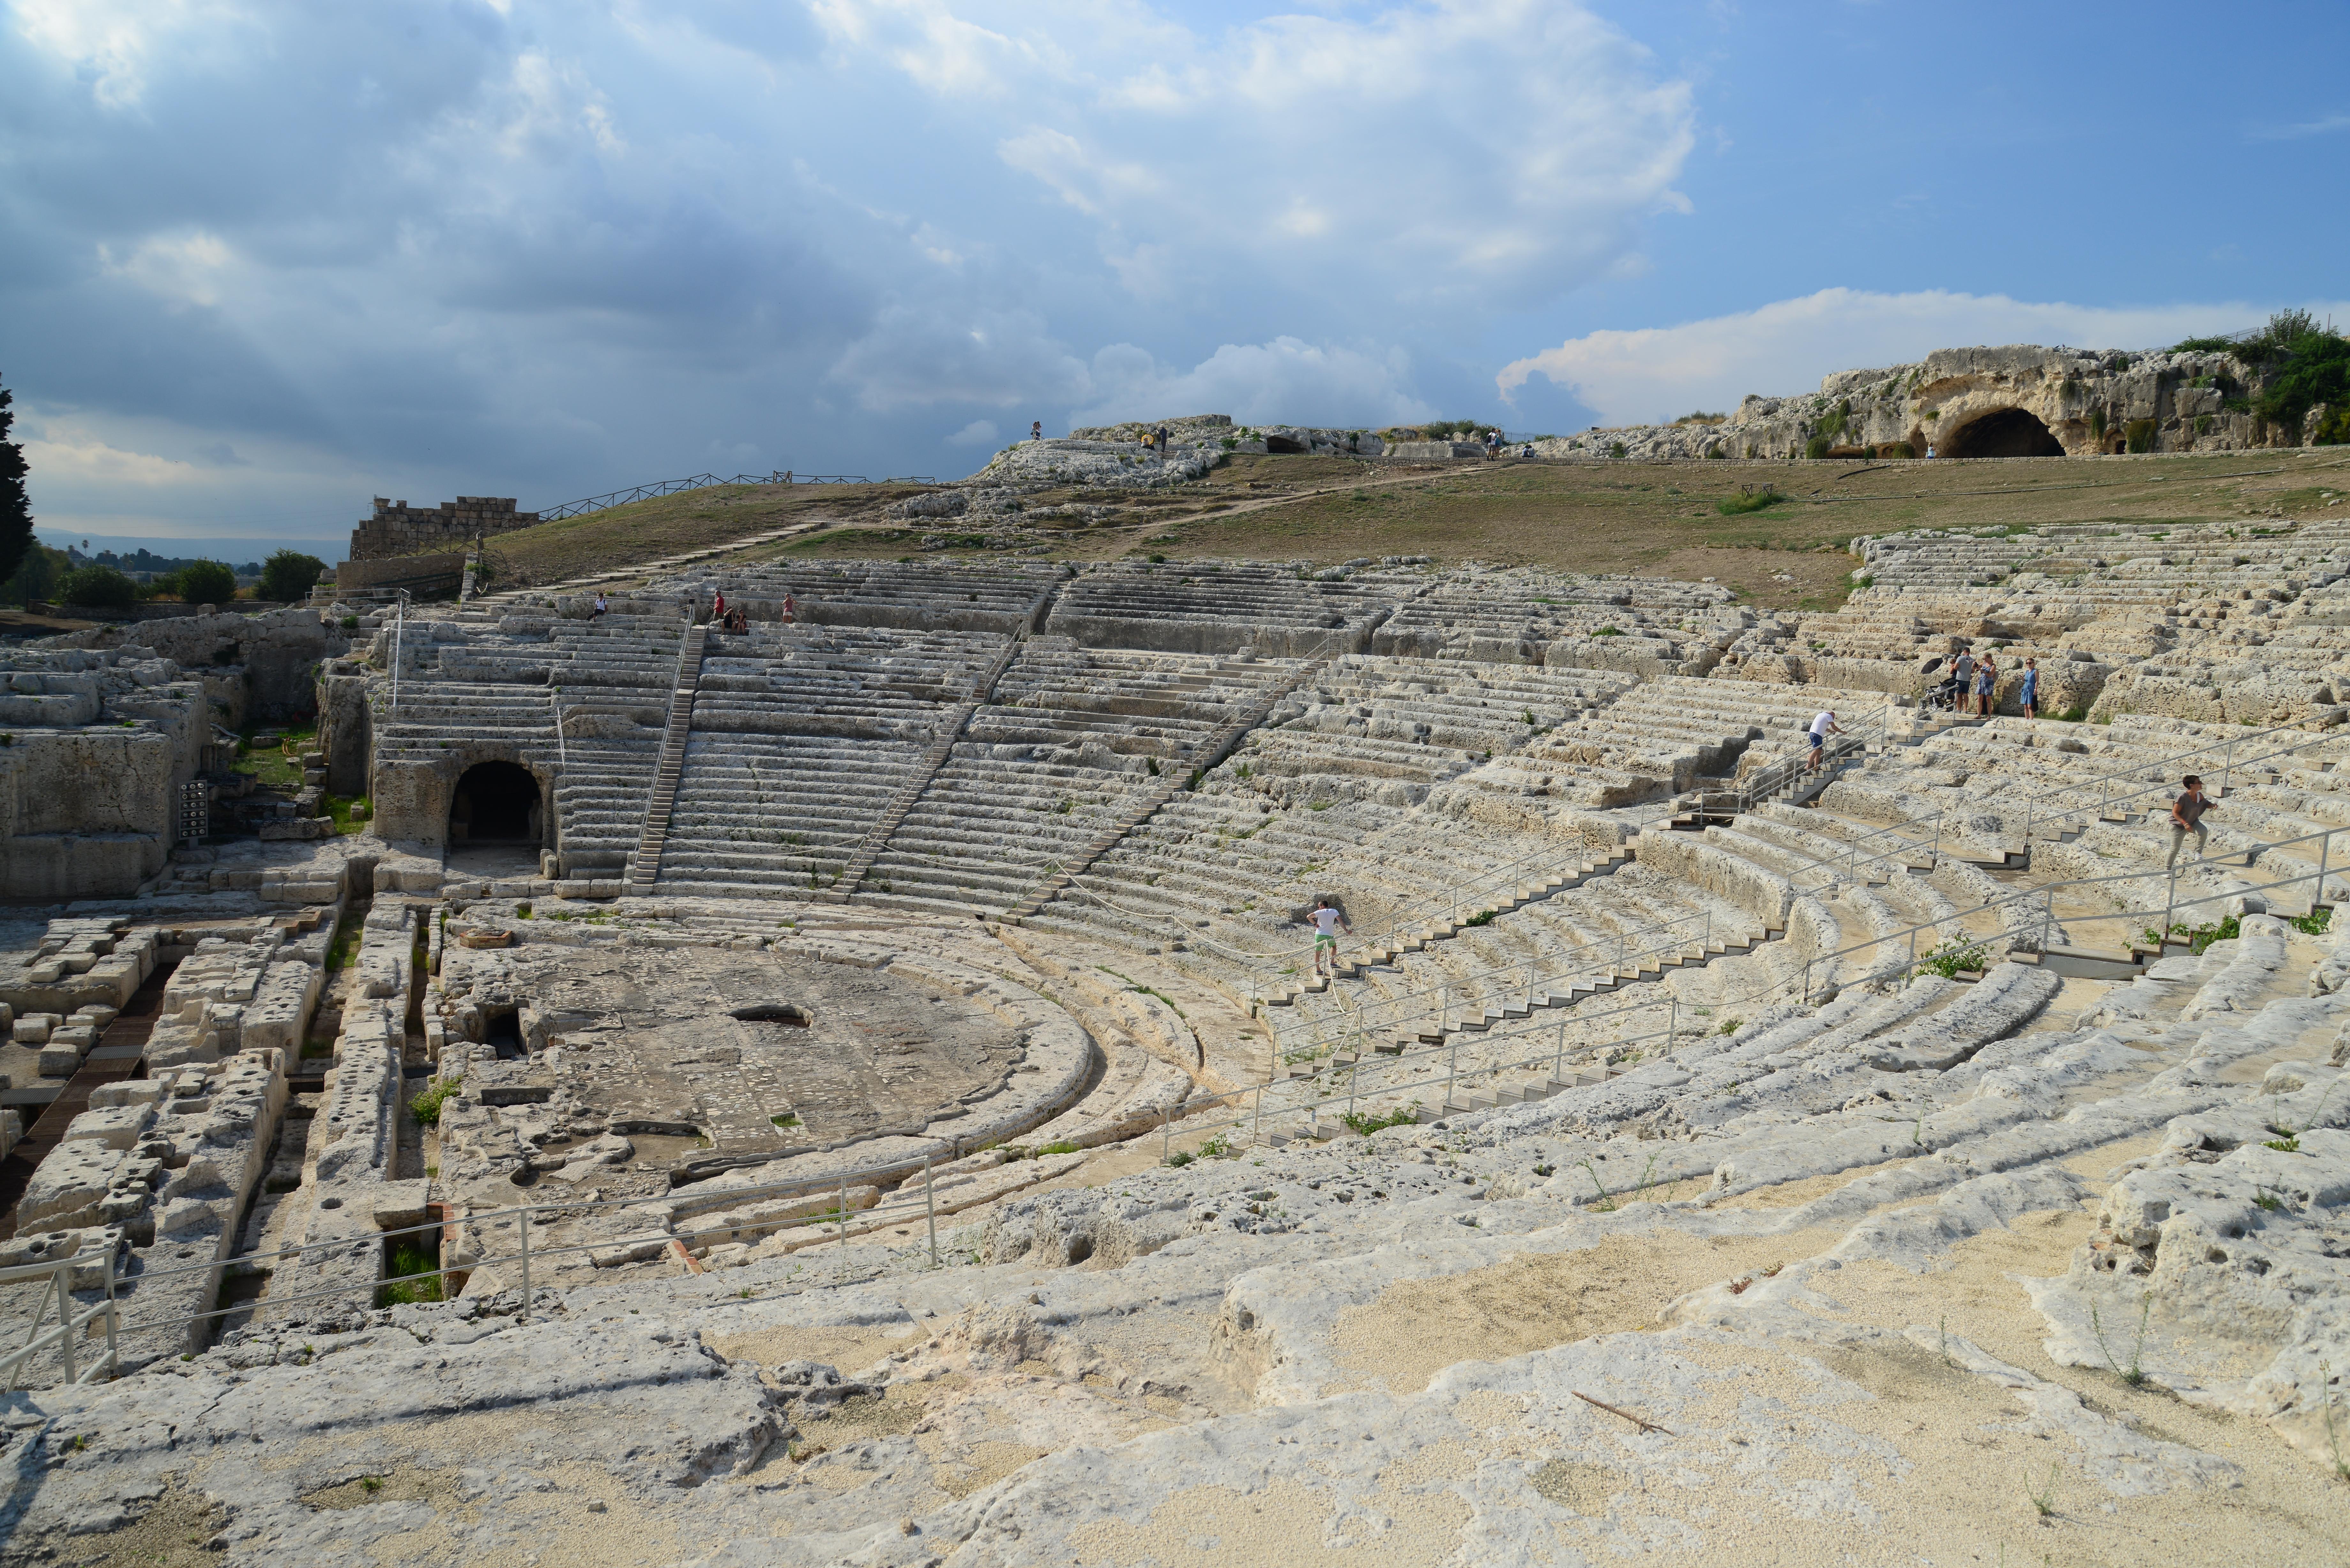 Siracusa, a terra de Dionísio e Arquimedes